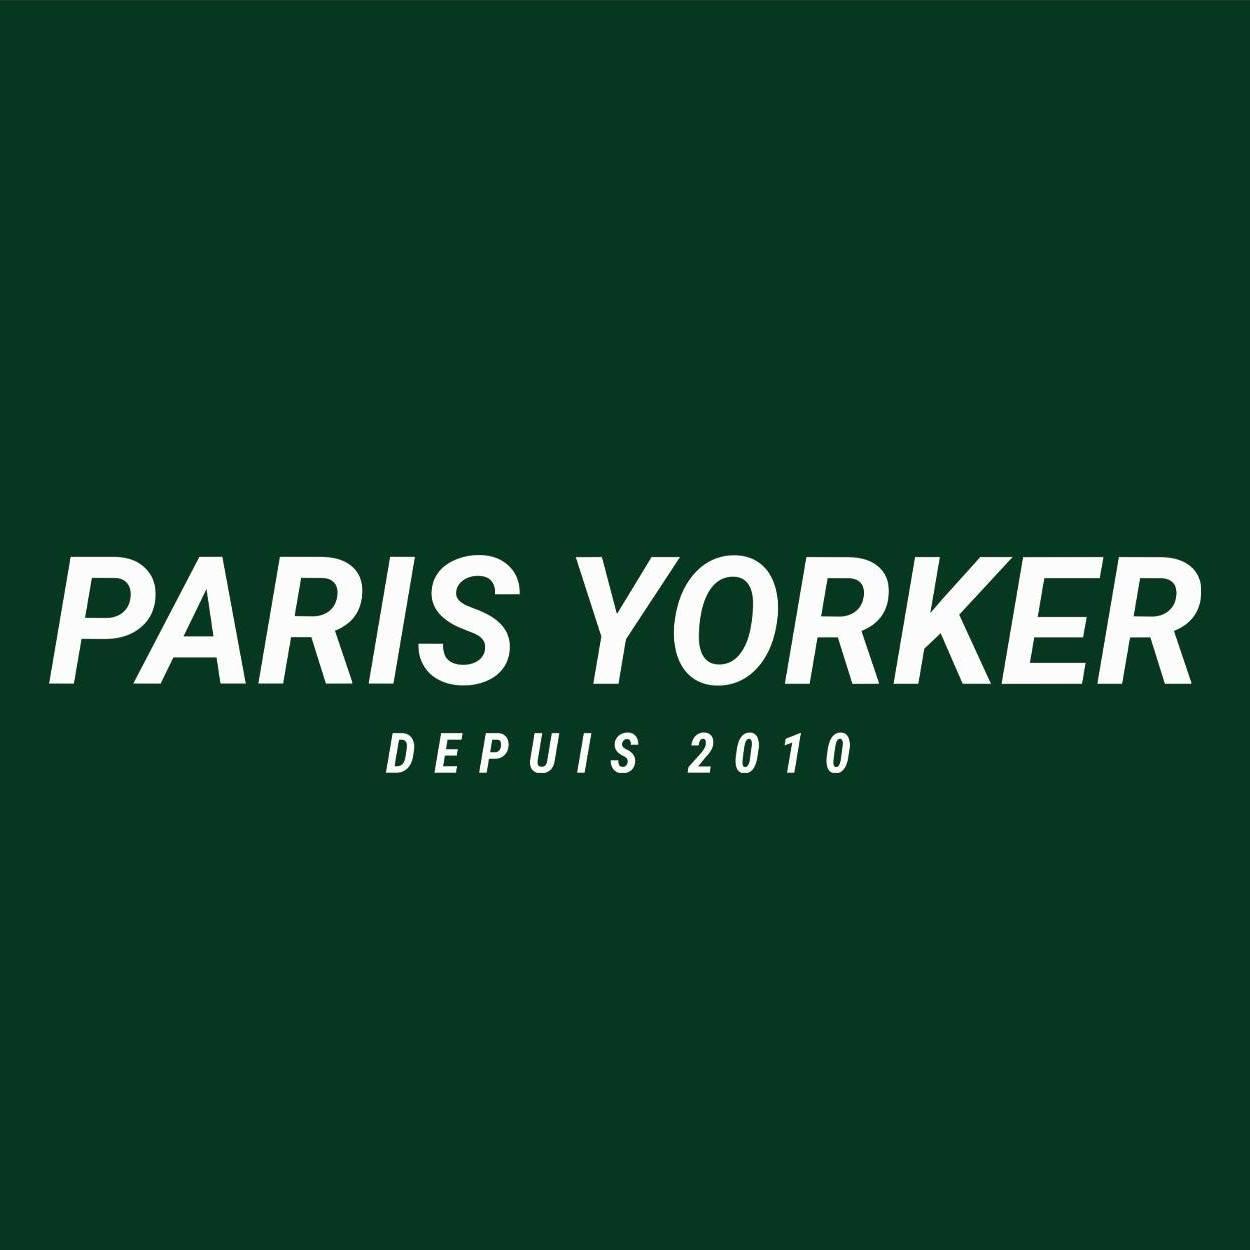 logo Paris Yorker pulls et accessoires